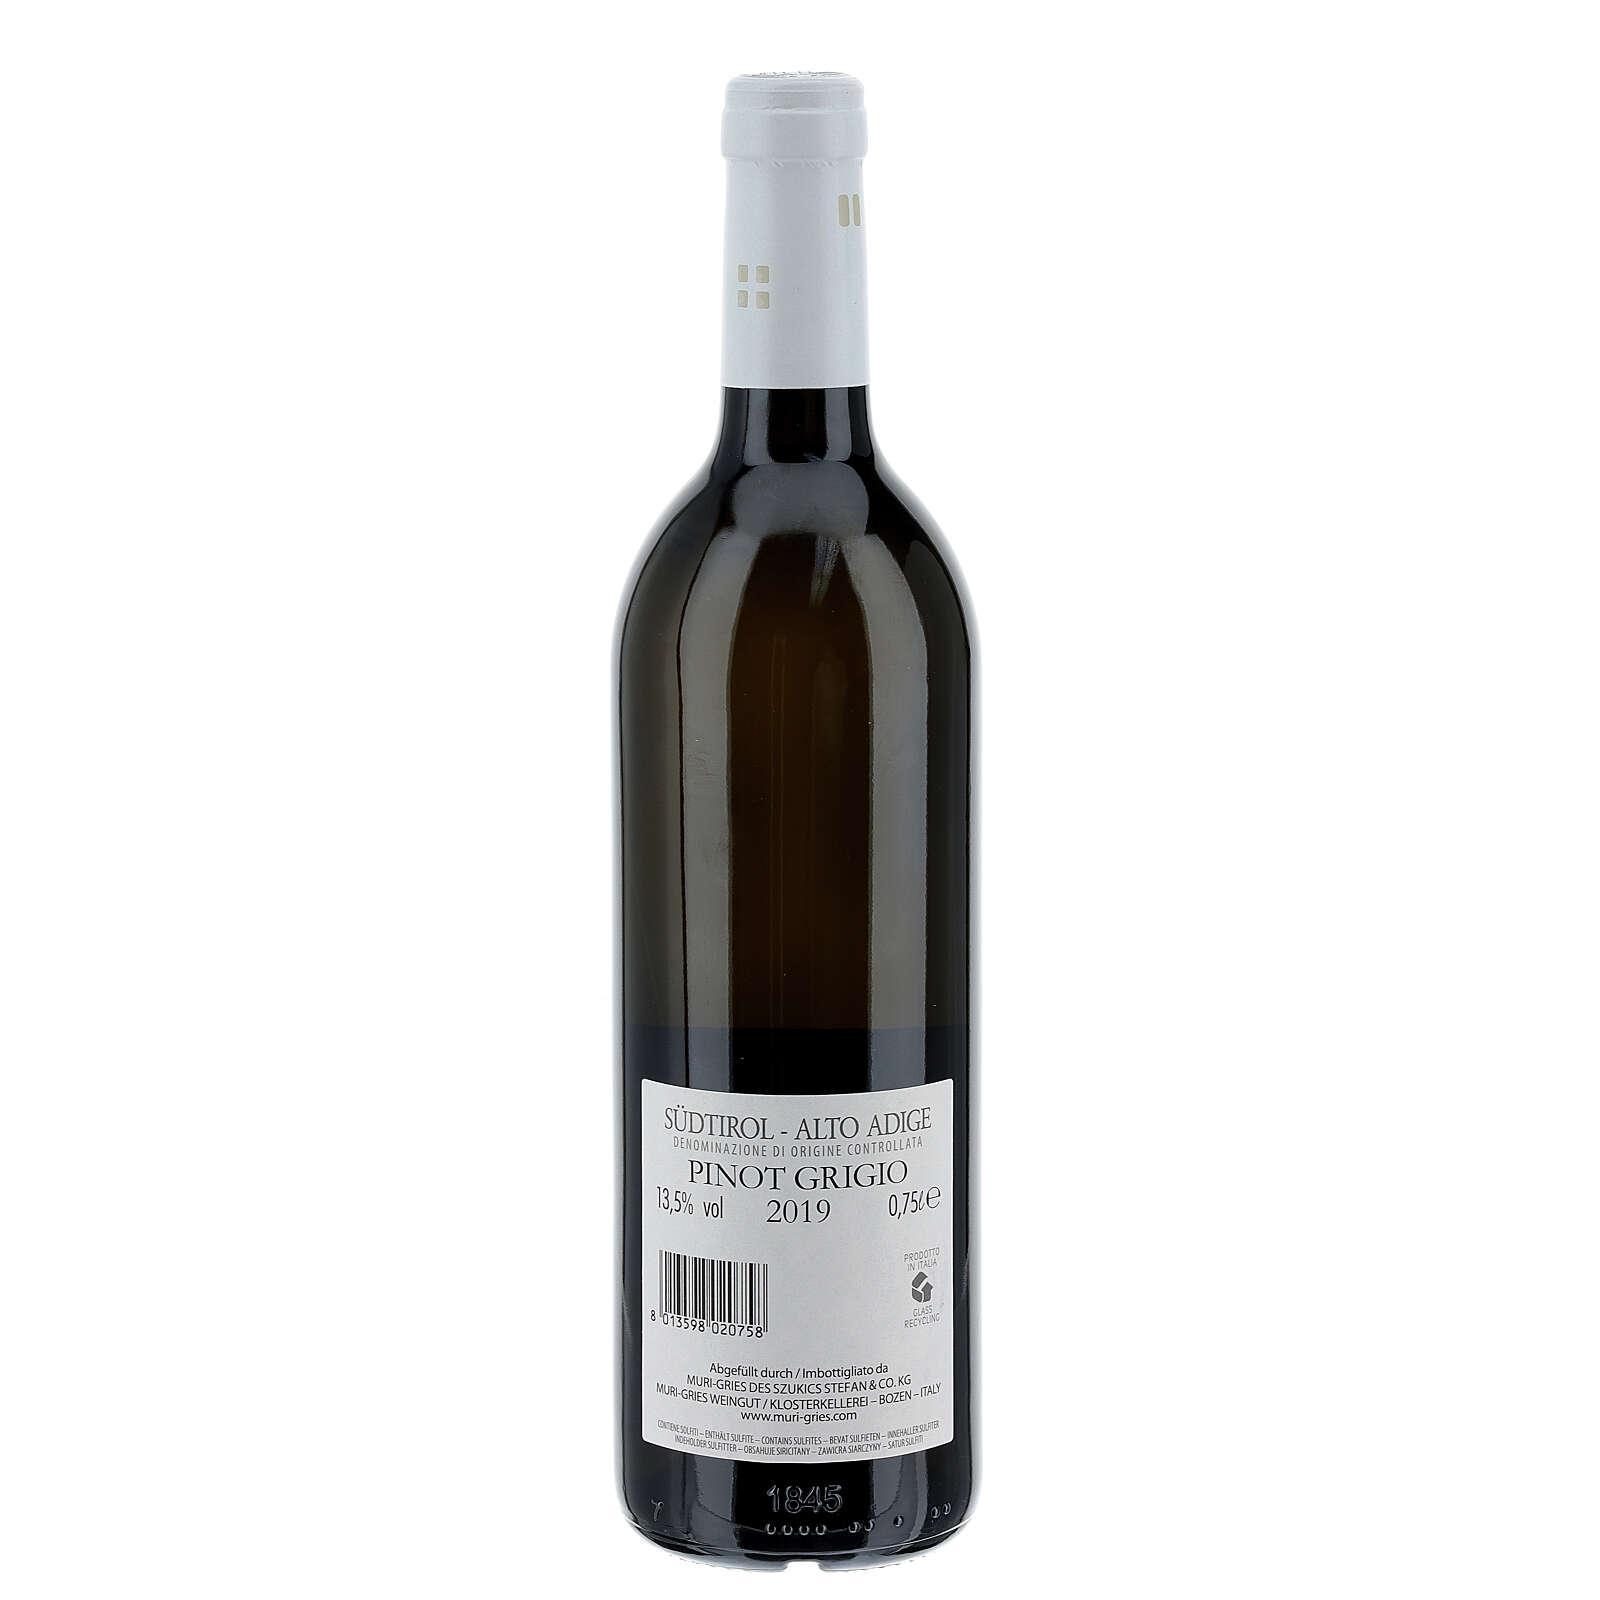 Pinot Grigio DOC 2019 wine Muri Gries Abbay 3